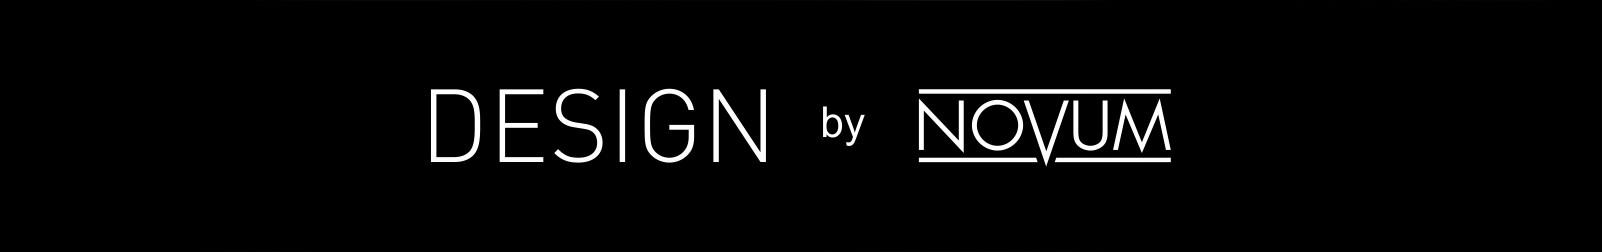 Design by Novum